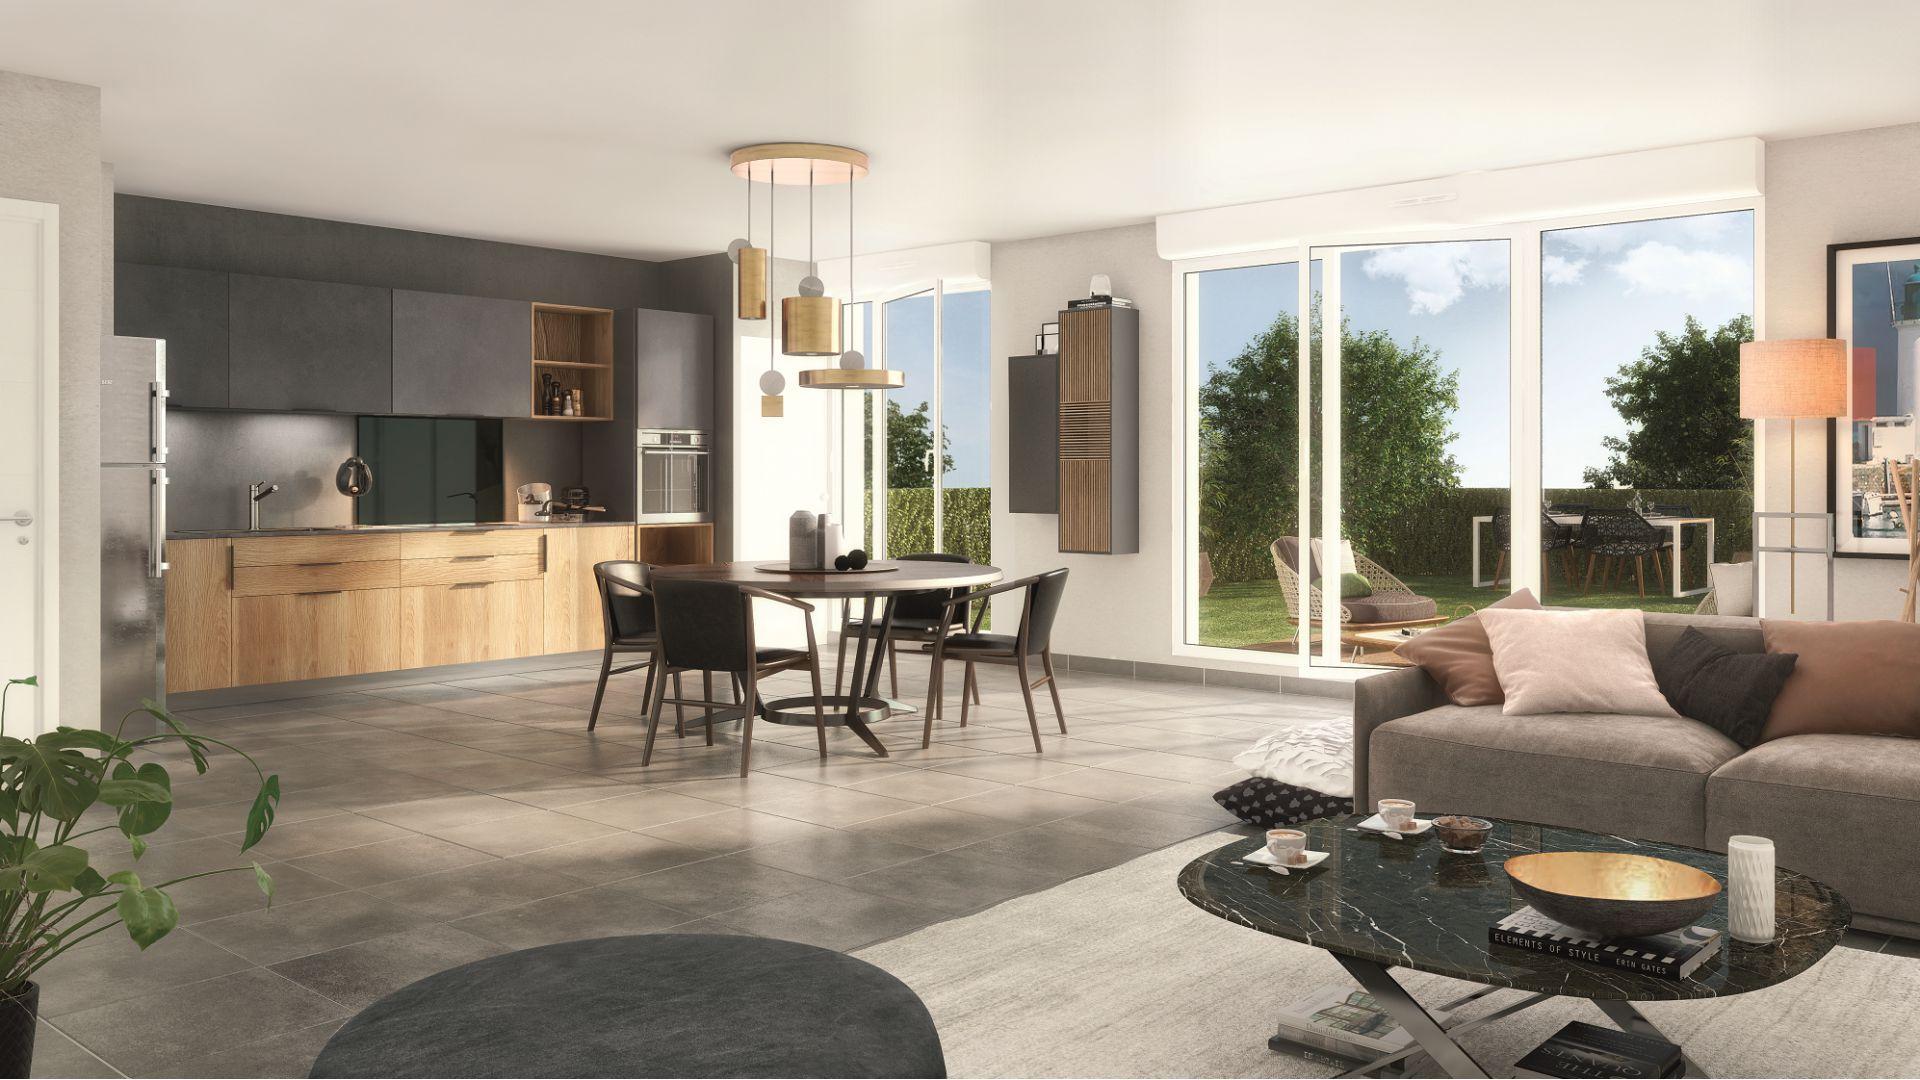 GreenCity immobilier - La Rochelle - Chatelaillon plage - Le Clos D Antoine - 17340 intérieur villa T4